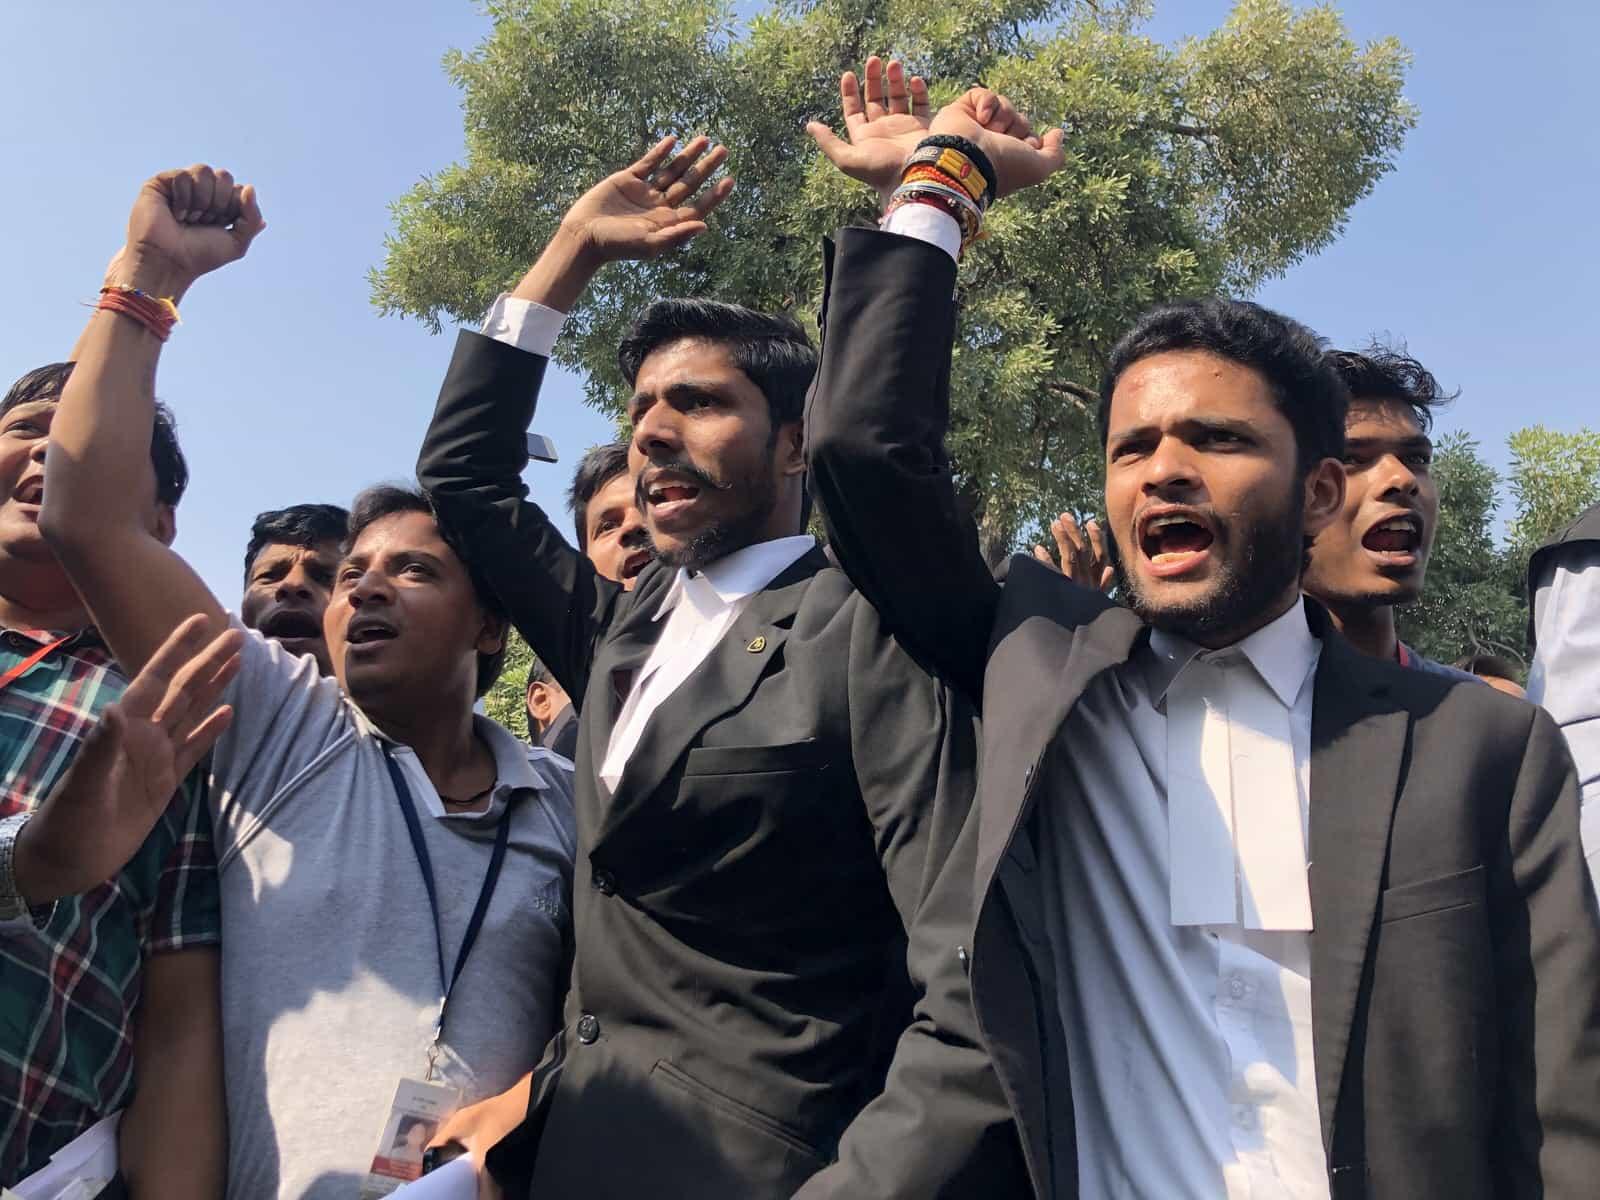 才廢喀什米爾自治,又燃族群衝突火種,莫迪想要一個怎樣的印度?